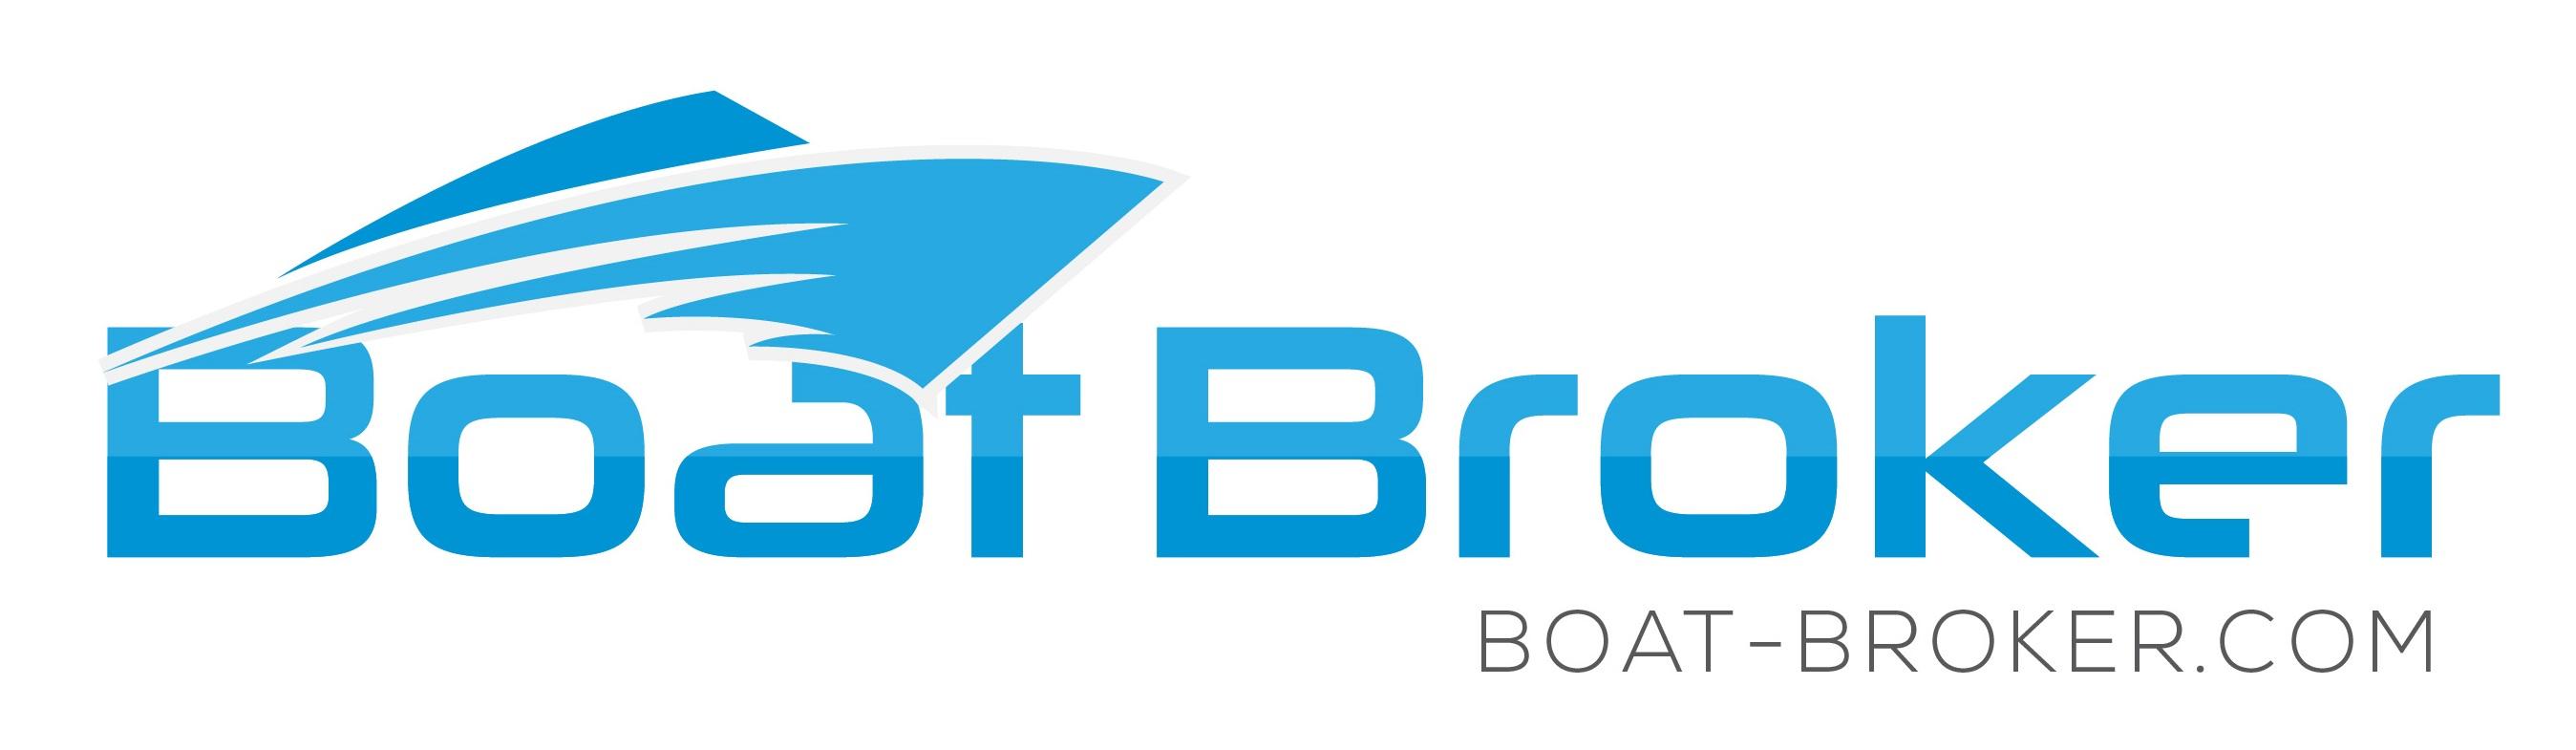 Boat-Broker.Com